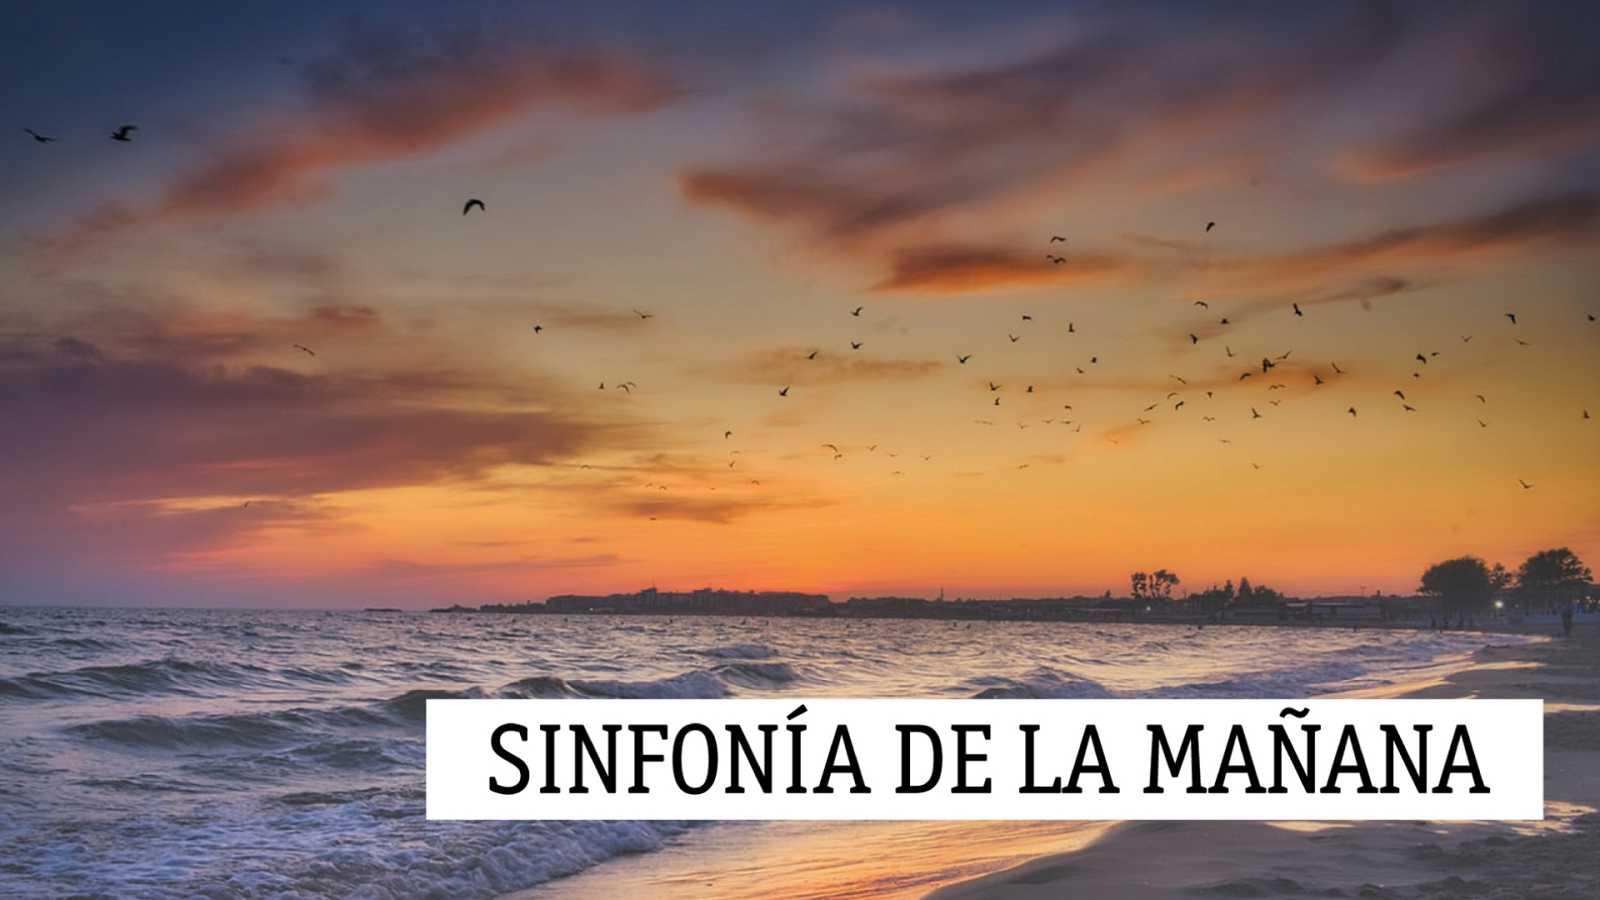 Sinfonía de la mañana - Los abucheos - 13/05/21 - escuchar ahora